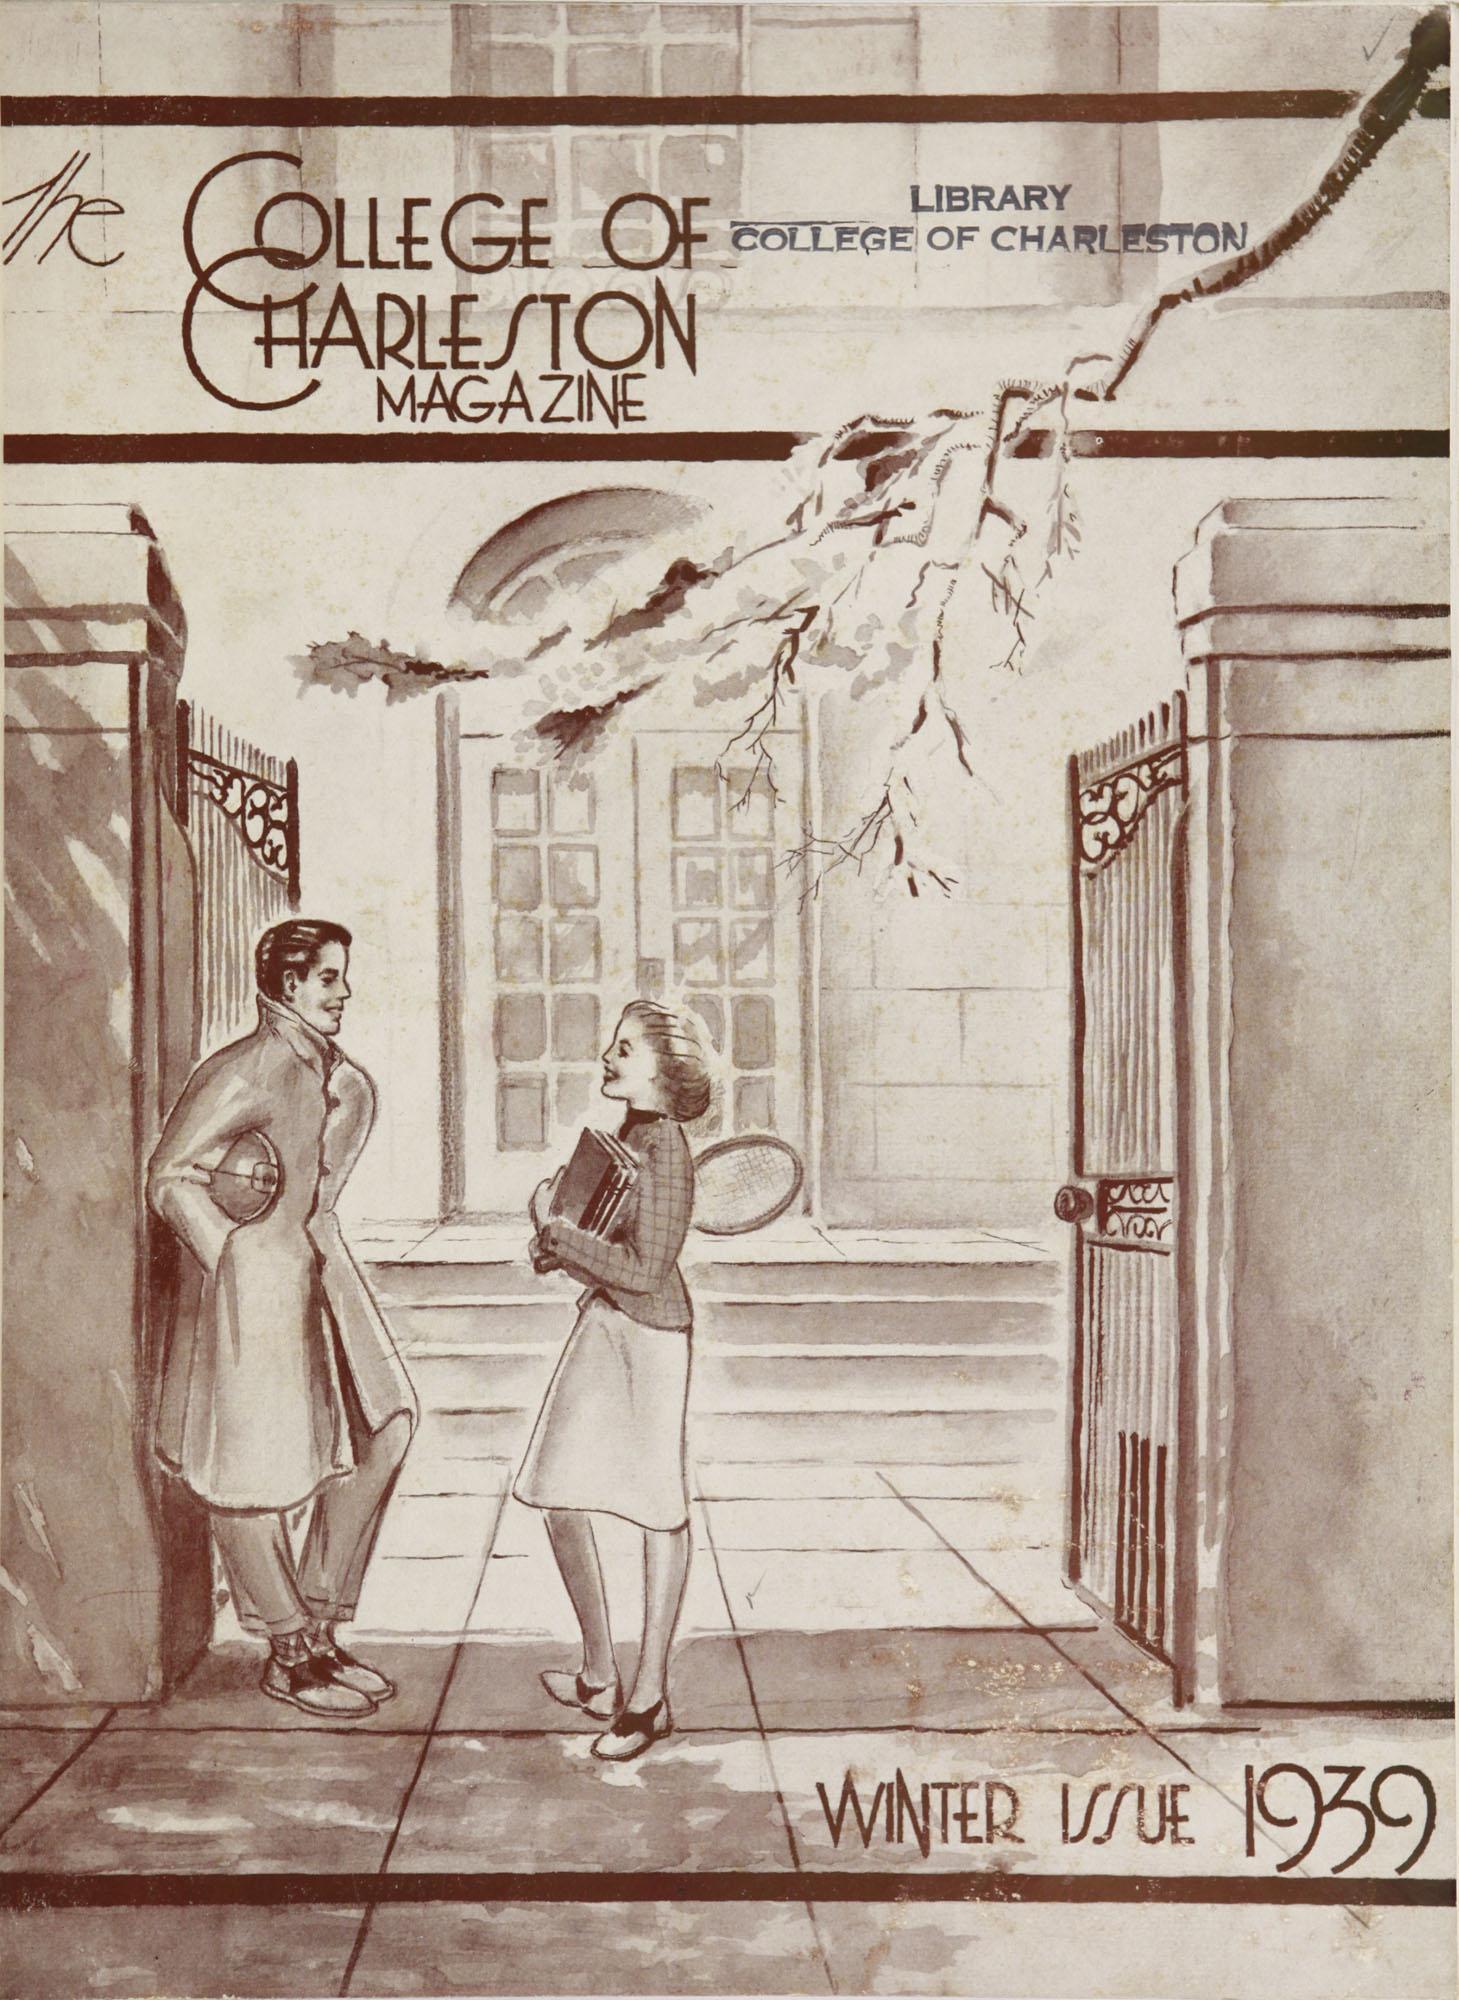 College of Charleston Magazine, 1939-1940